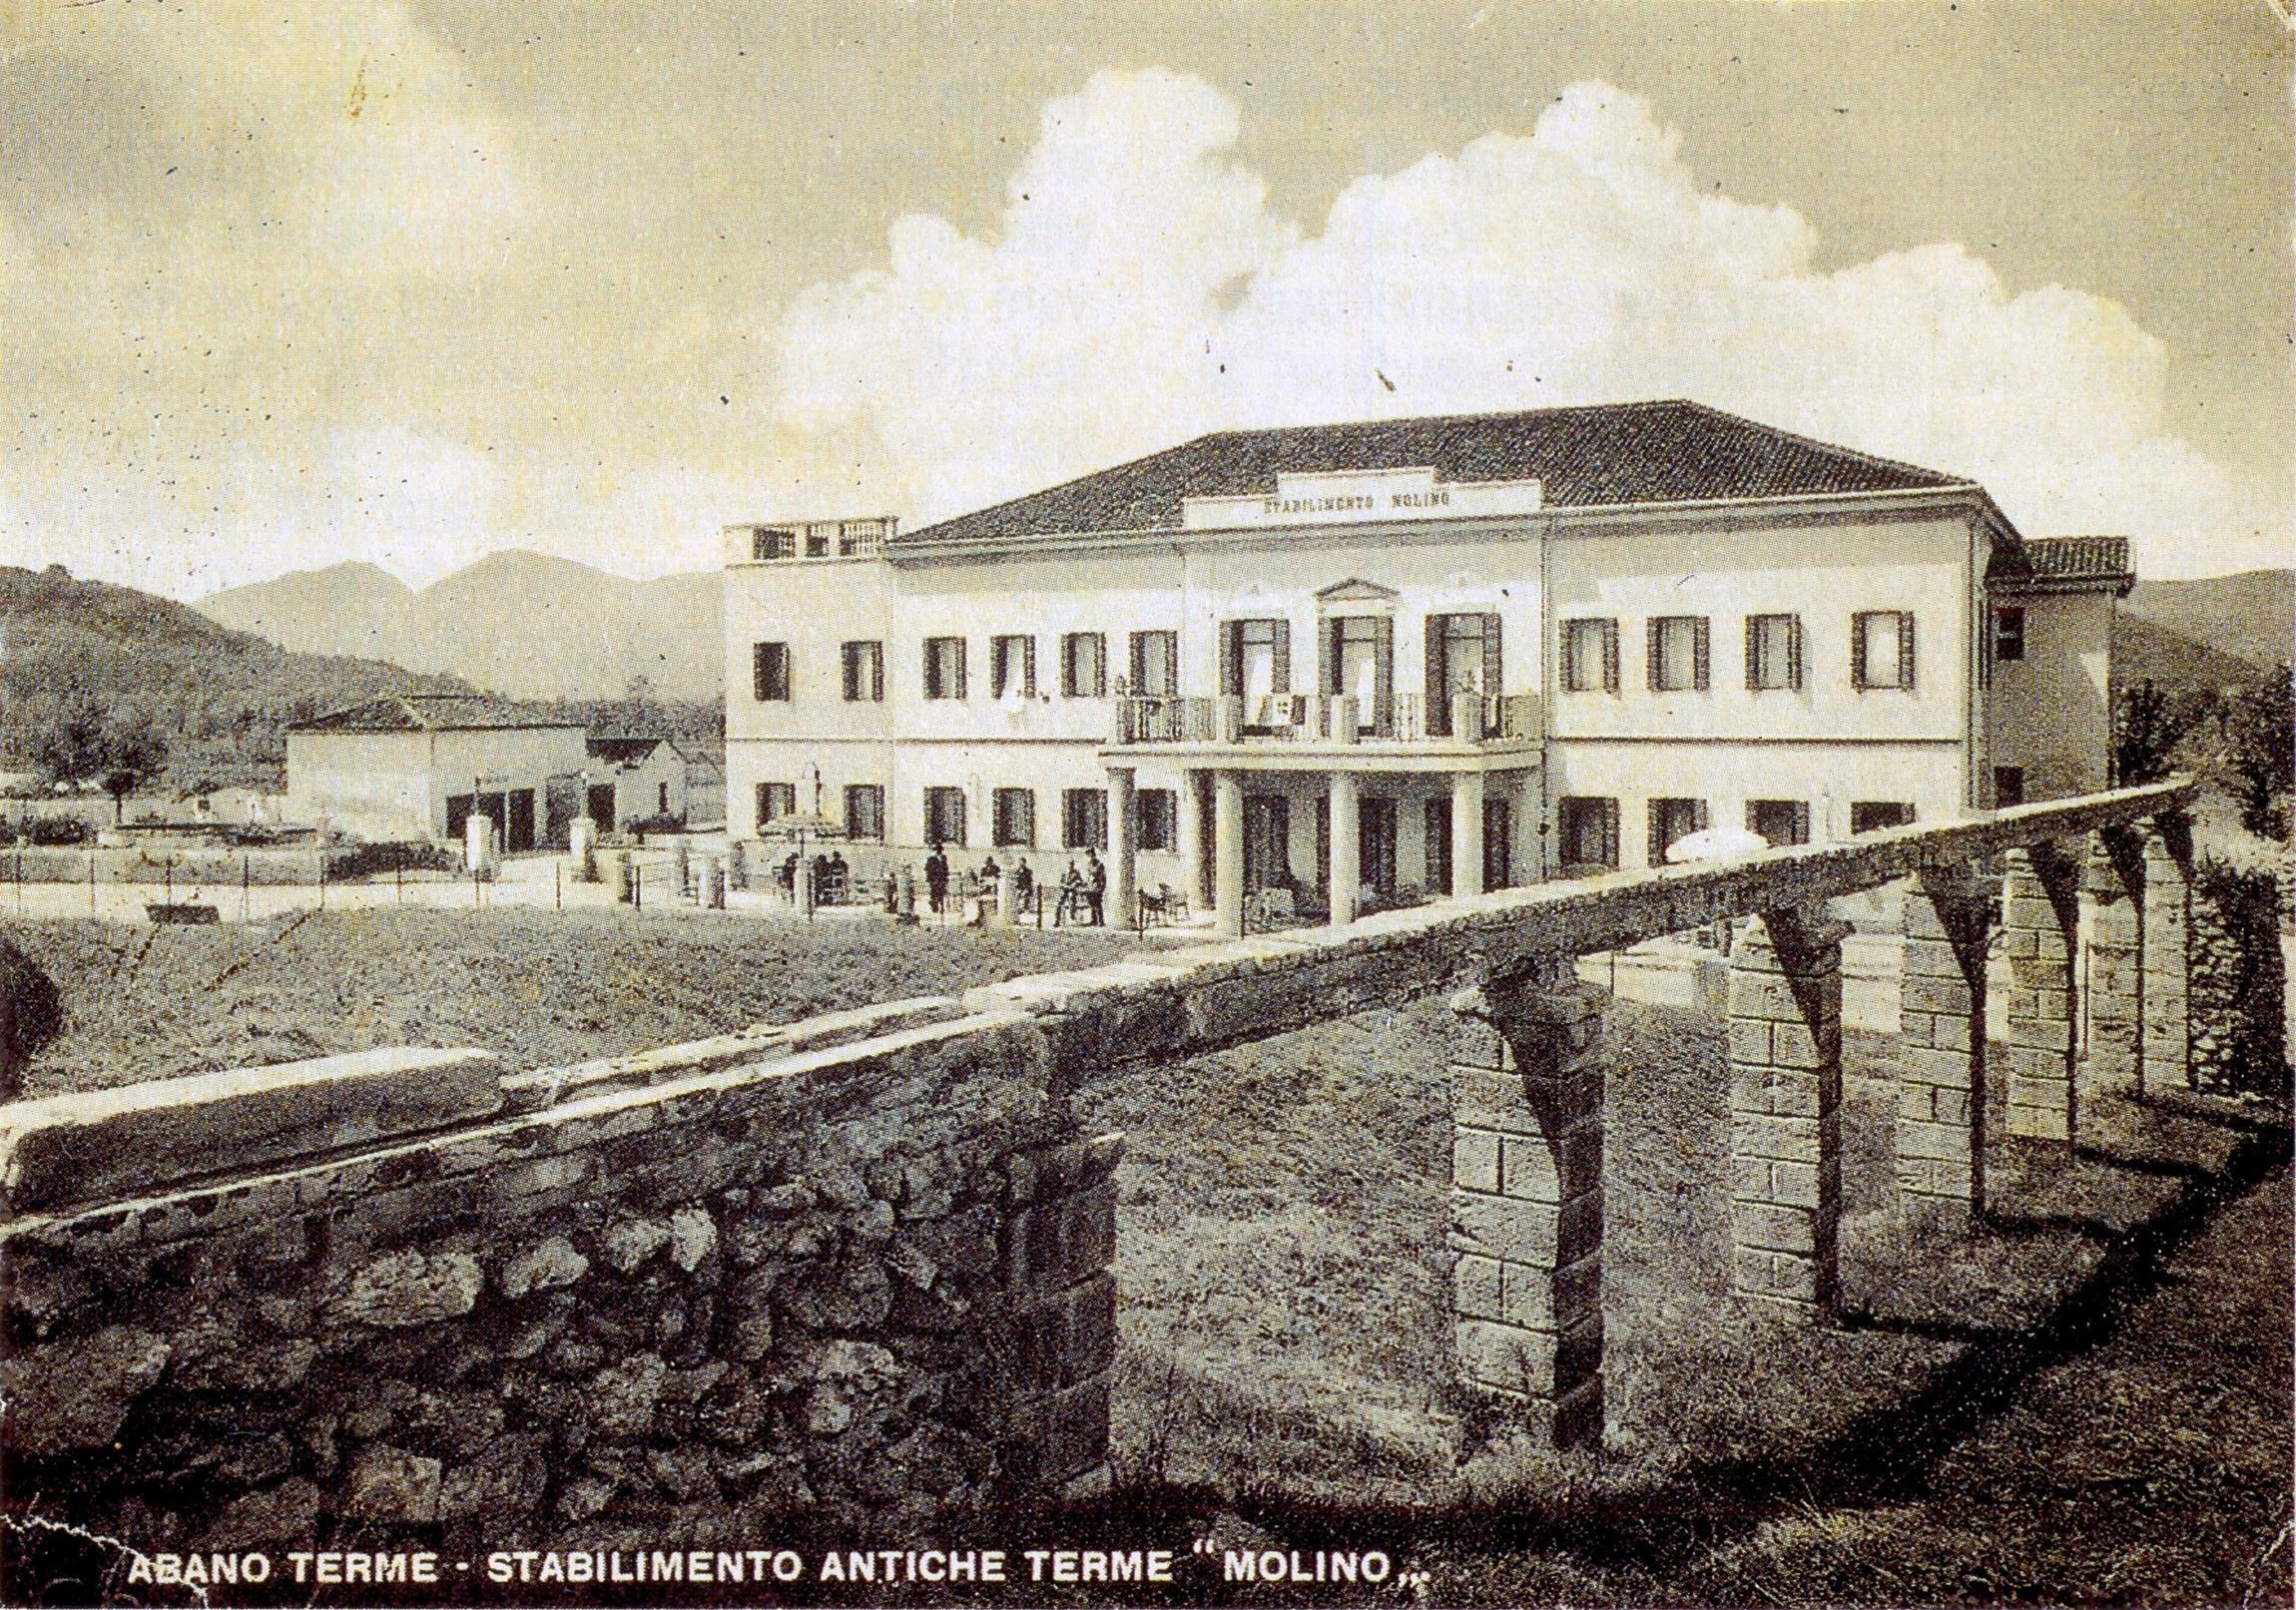 Abano Terme, 1940. La condotta dell'acqua termale che dal Montirone raggiunge l'albergo Molino.